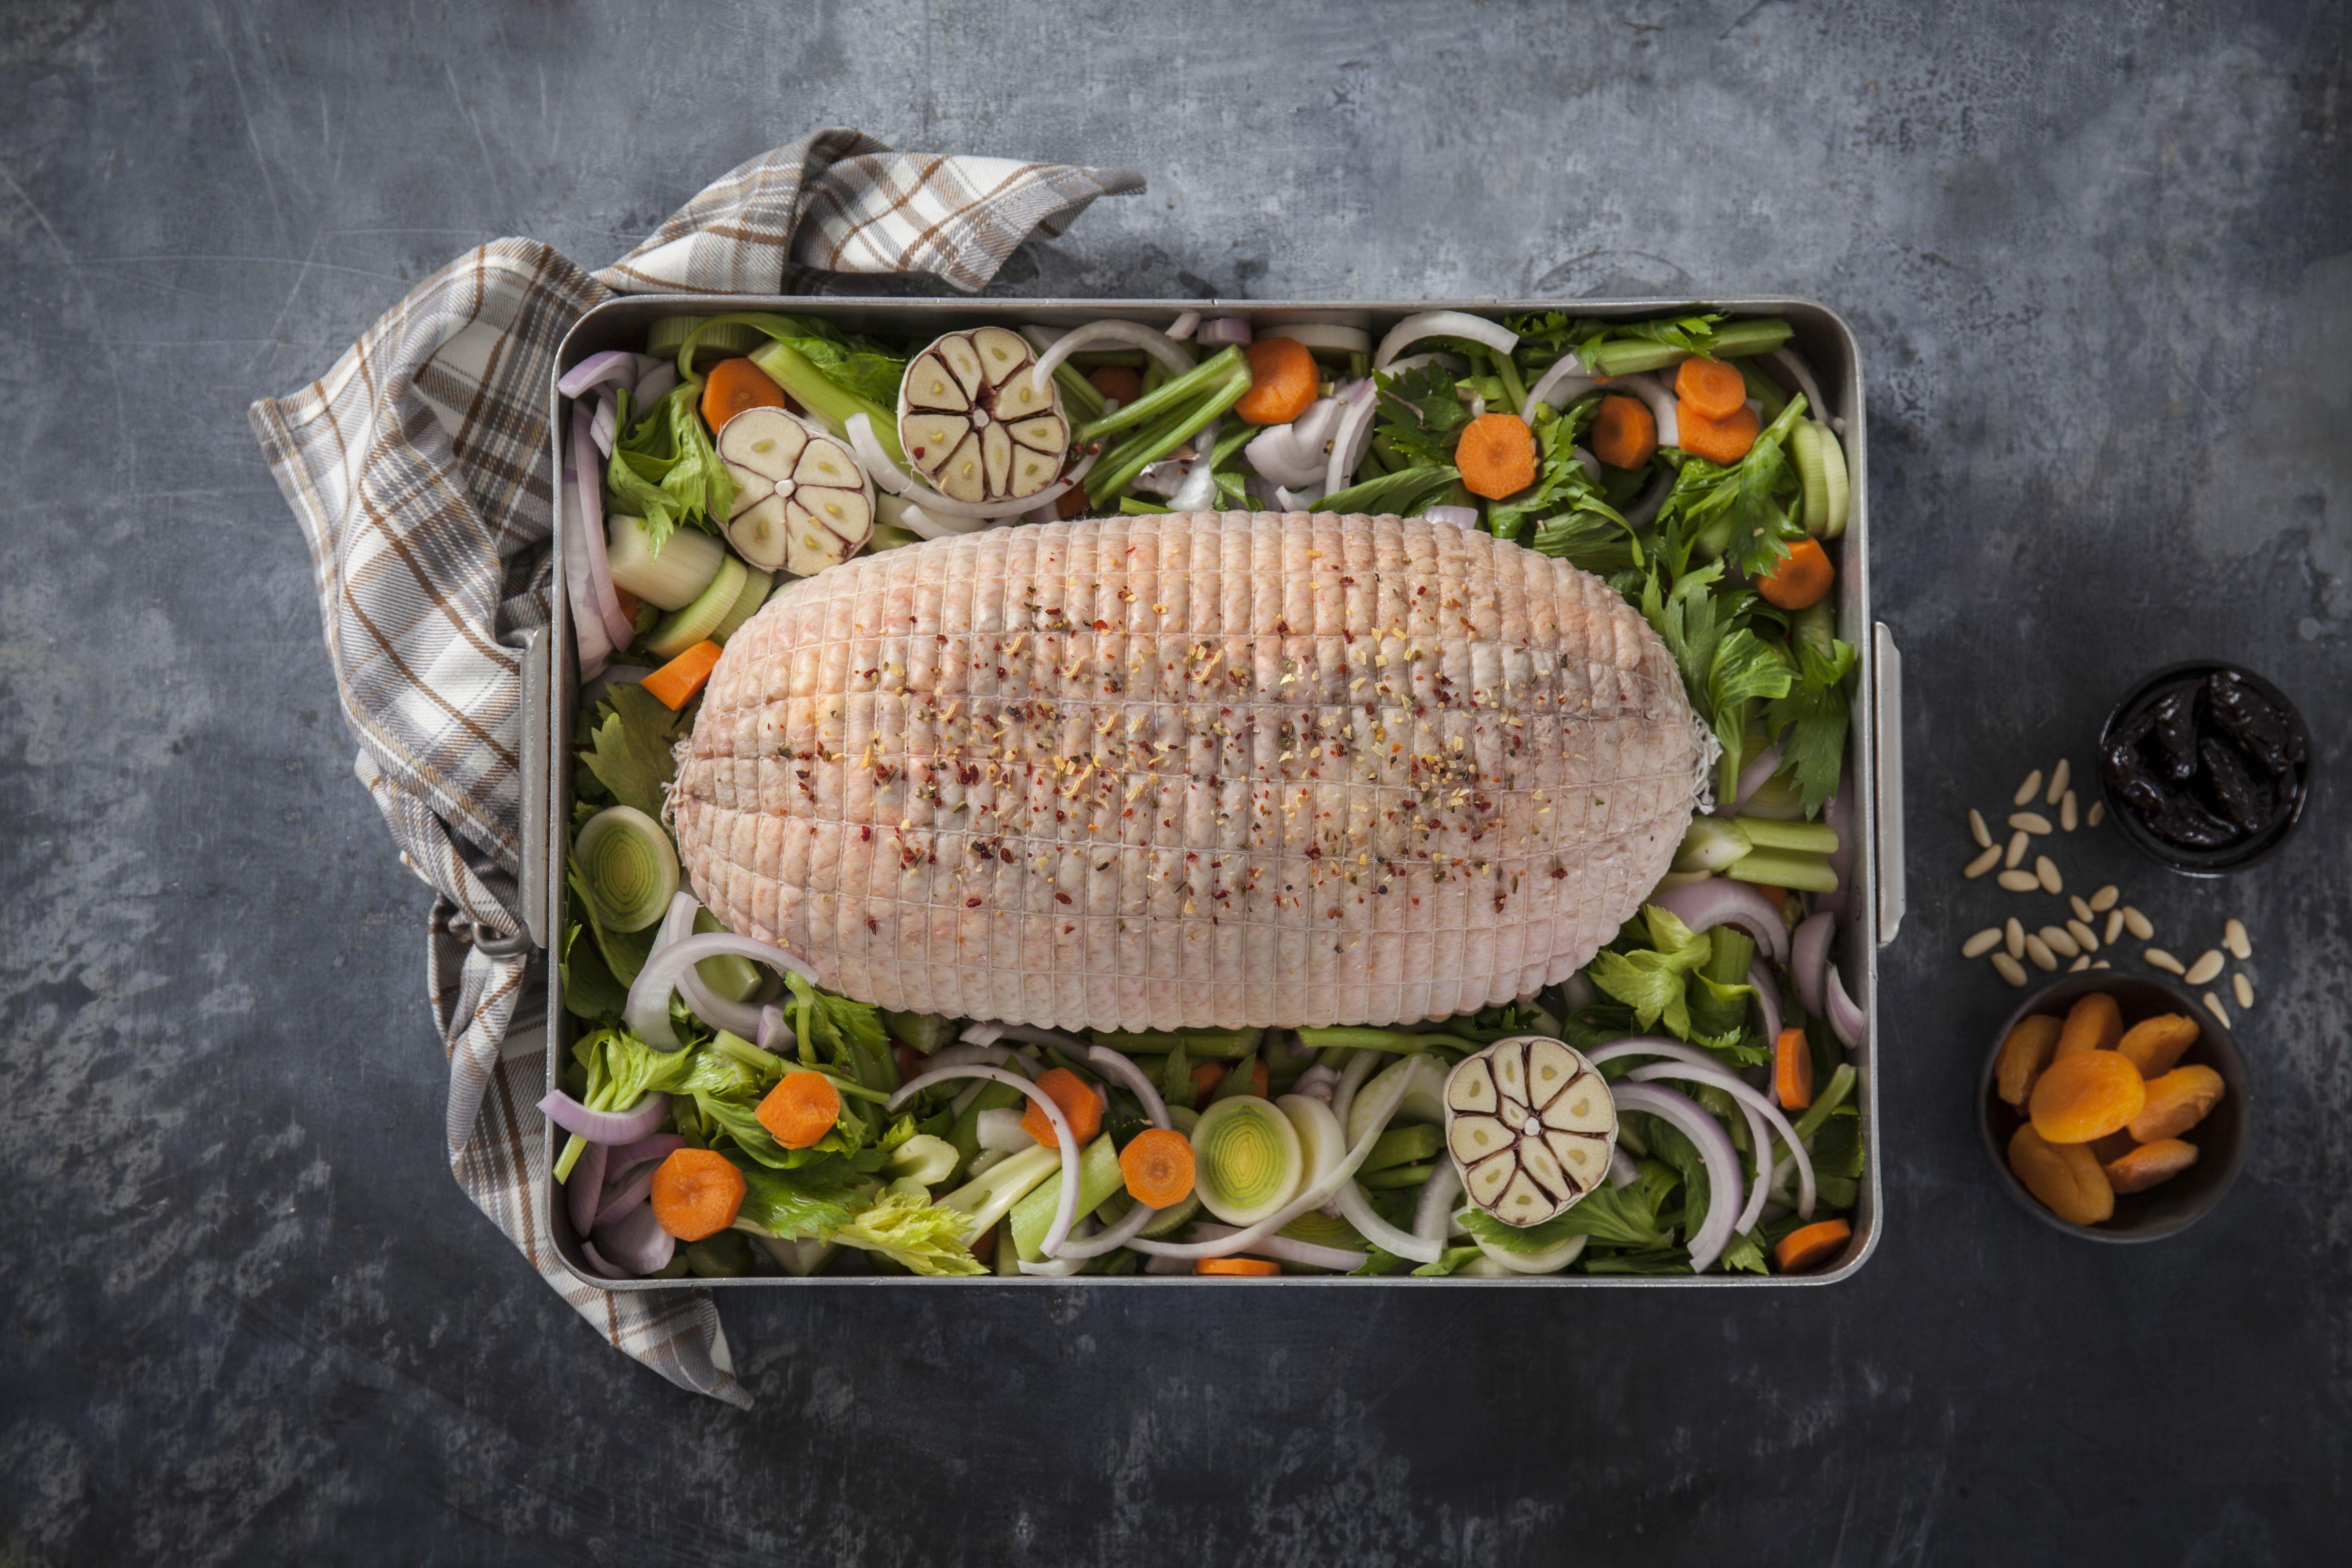 Pit de pavo al horno: Productos de Lucas Gourmet